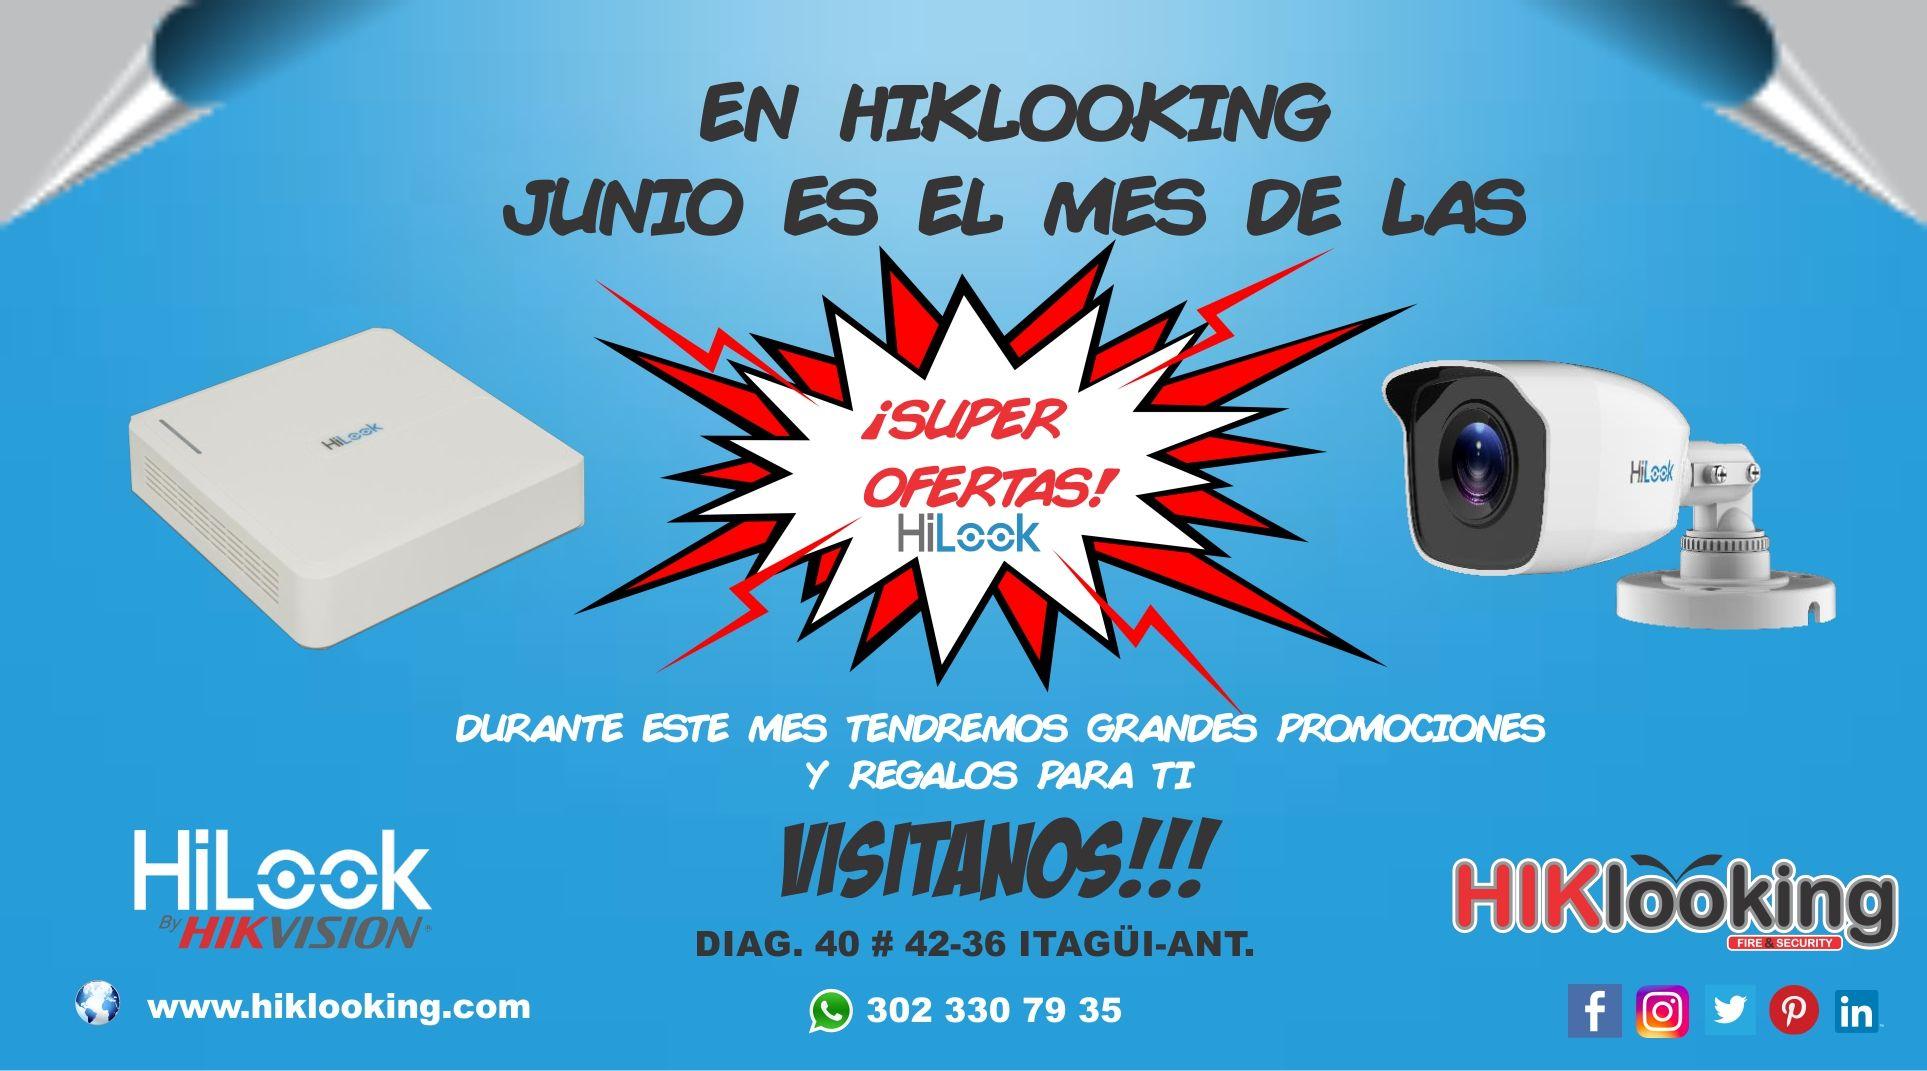 6e11447041b24 Visitanos durante el mes de junio y conoce las ofertas de Hilook y los  regalos que